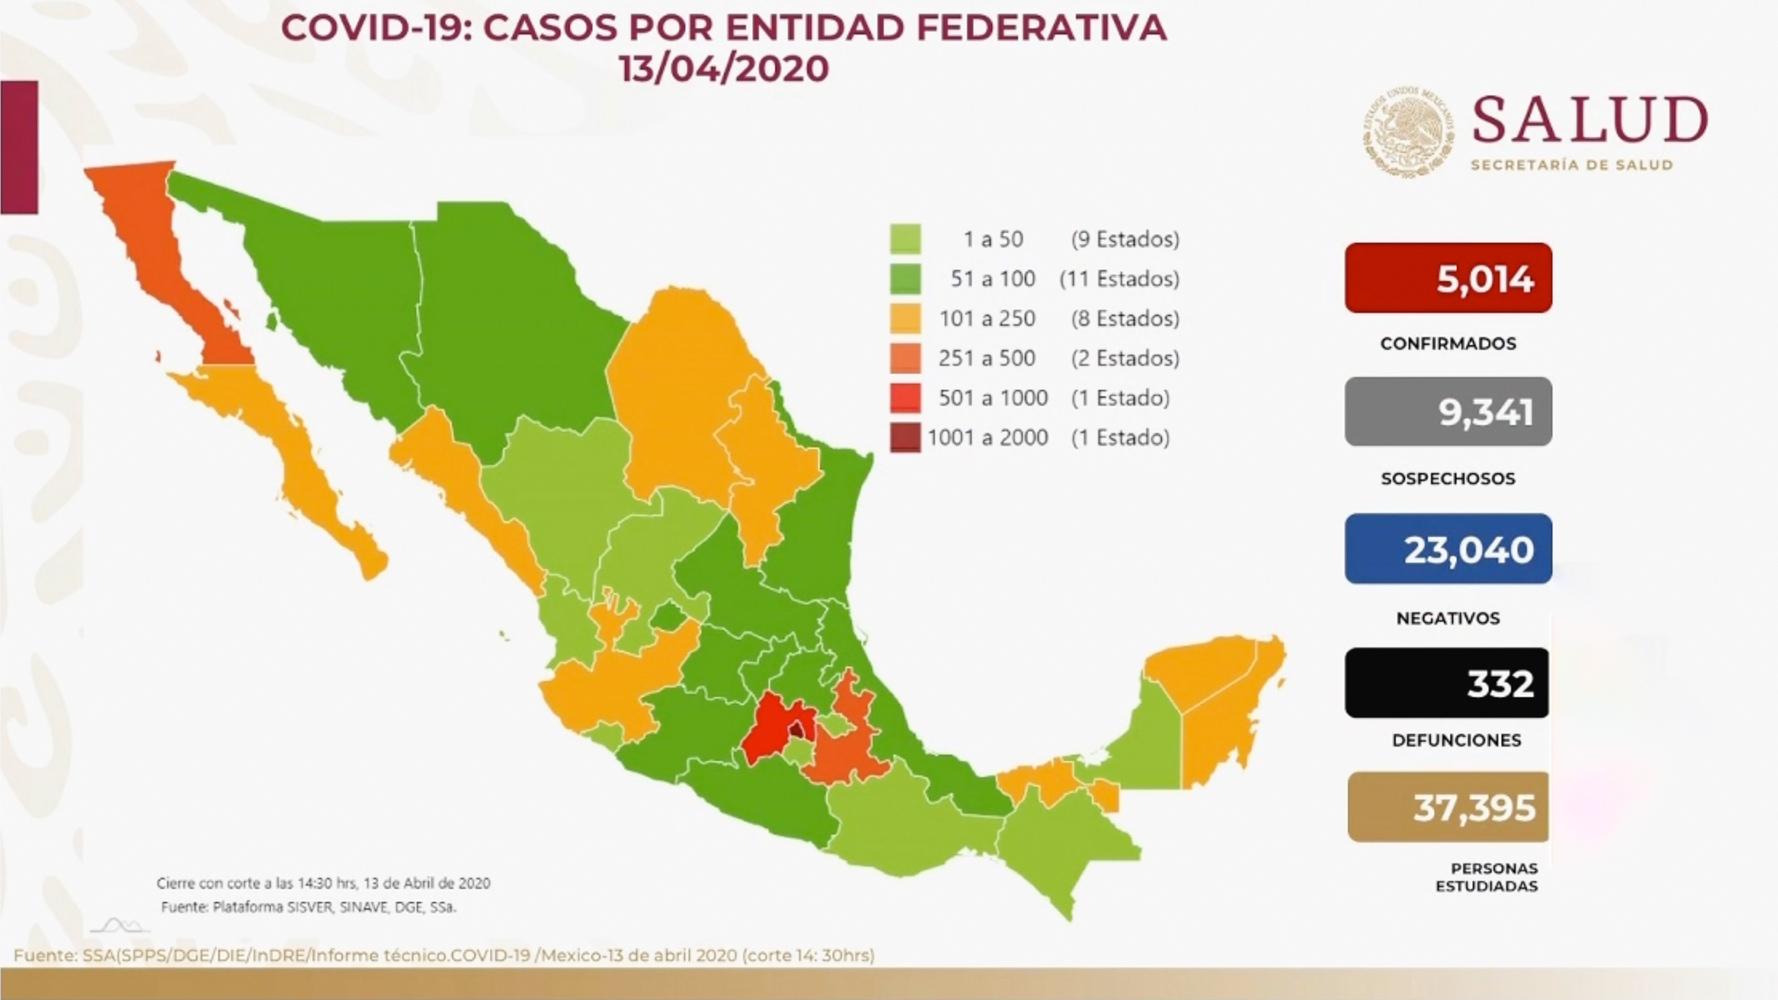 MÉXICO SUPERA LAS 300 MUERTES POR COVID-19